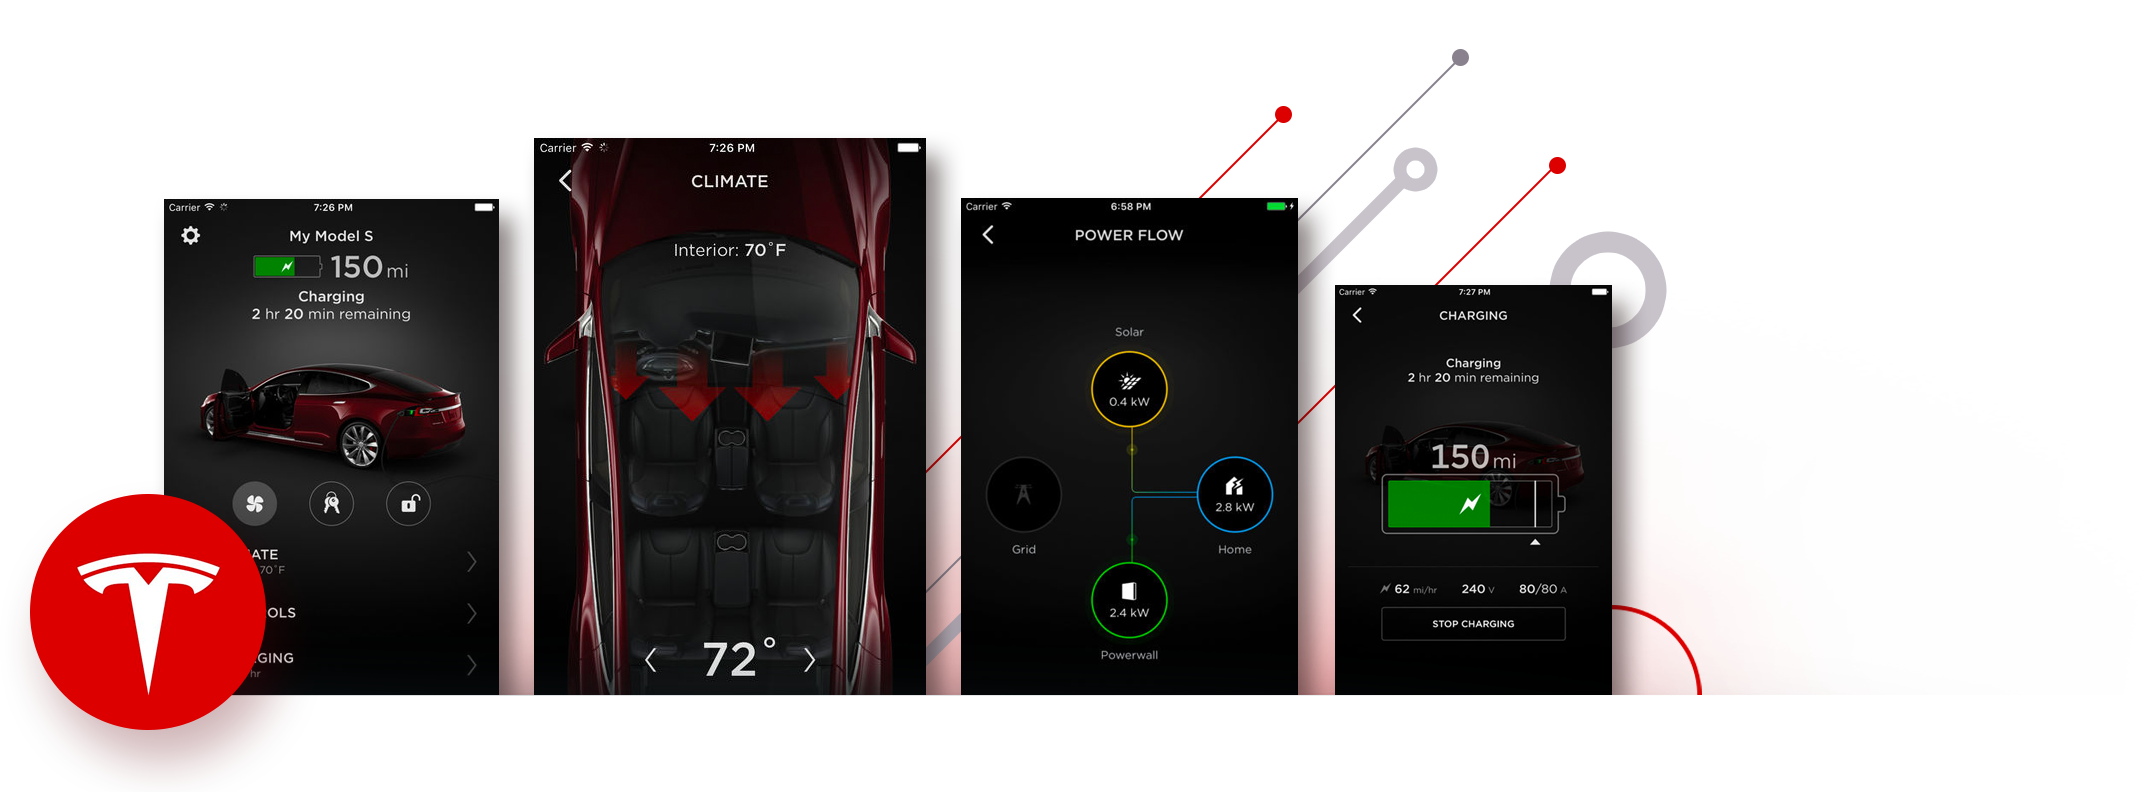 Tesla React Native App